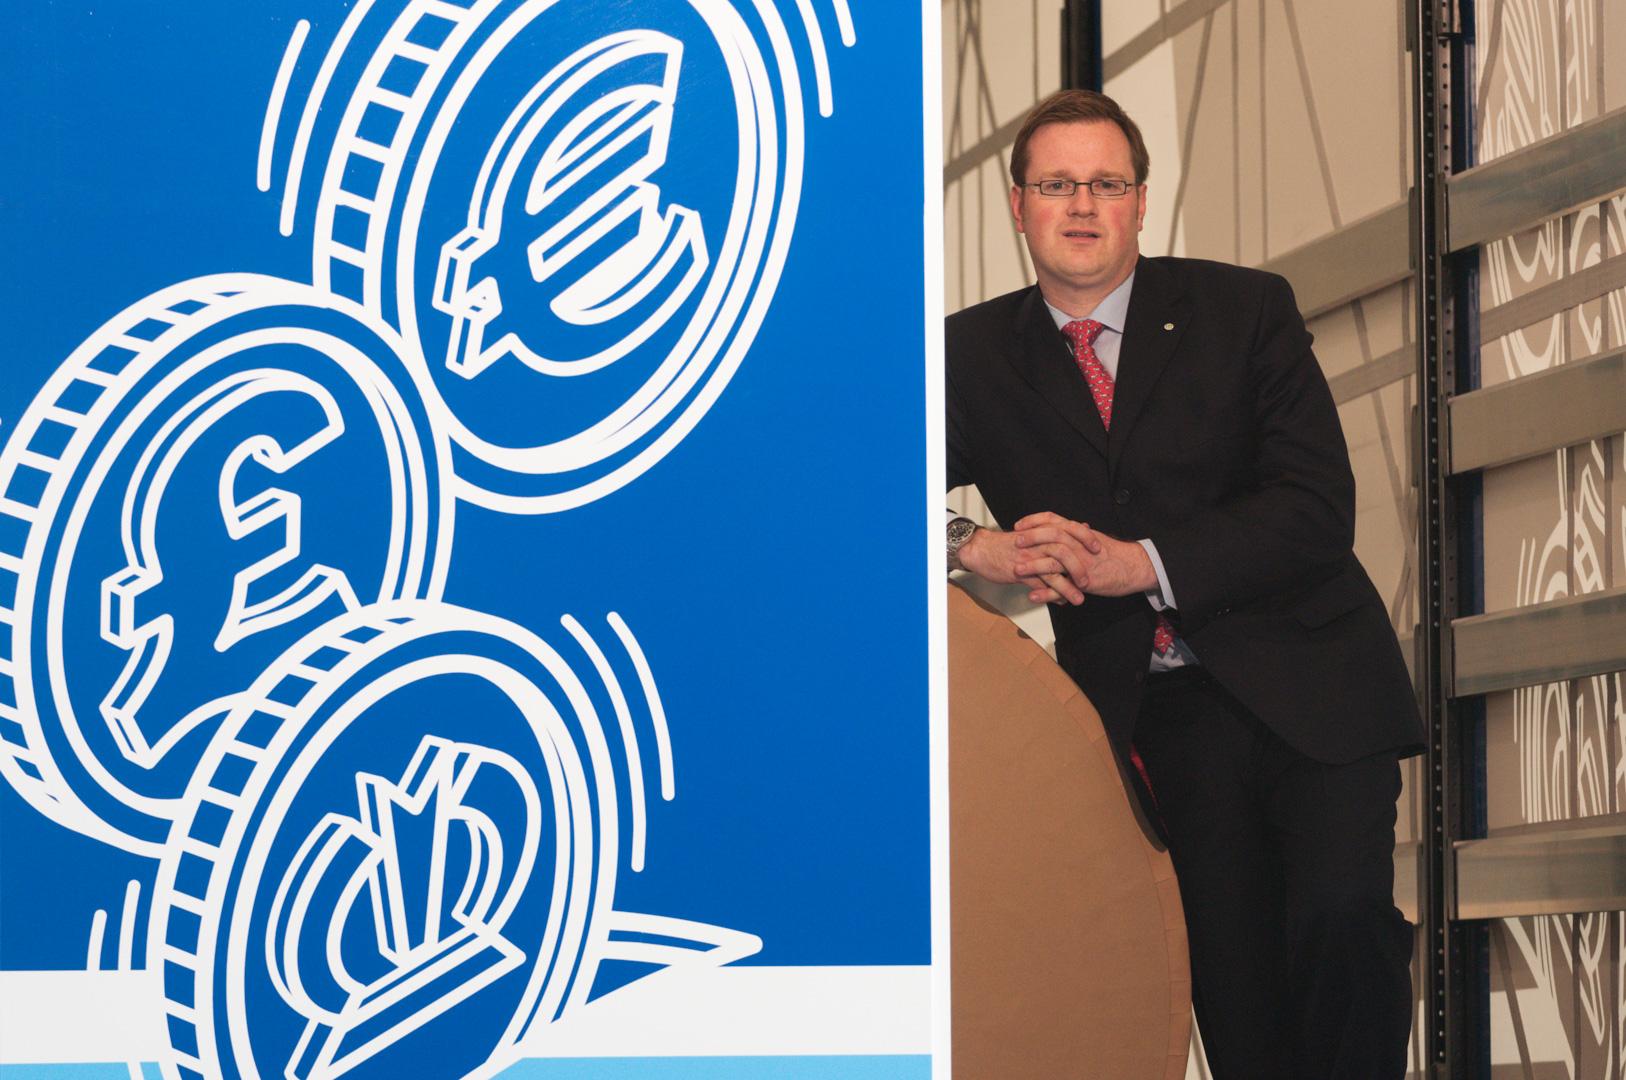 Portrait vom CEO Manager Bernhard Krone auf einem seiner Lkw-Auflieger